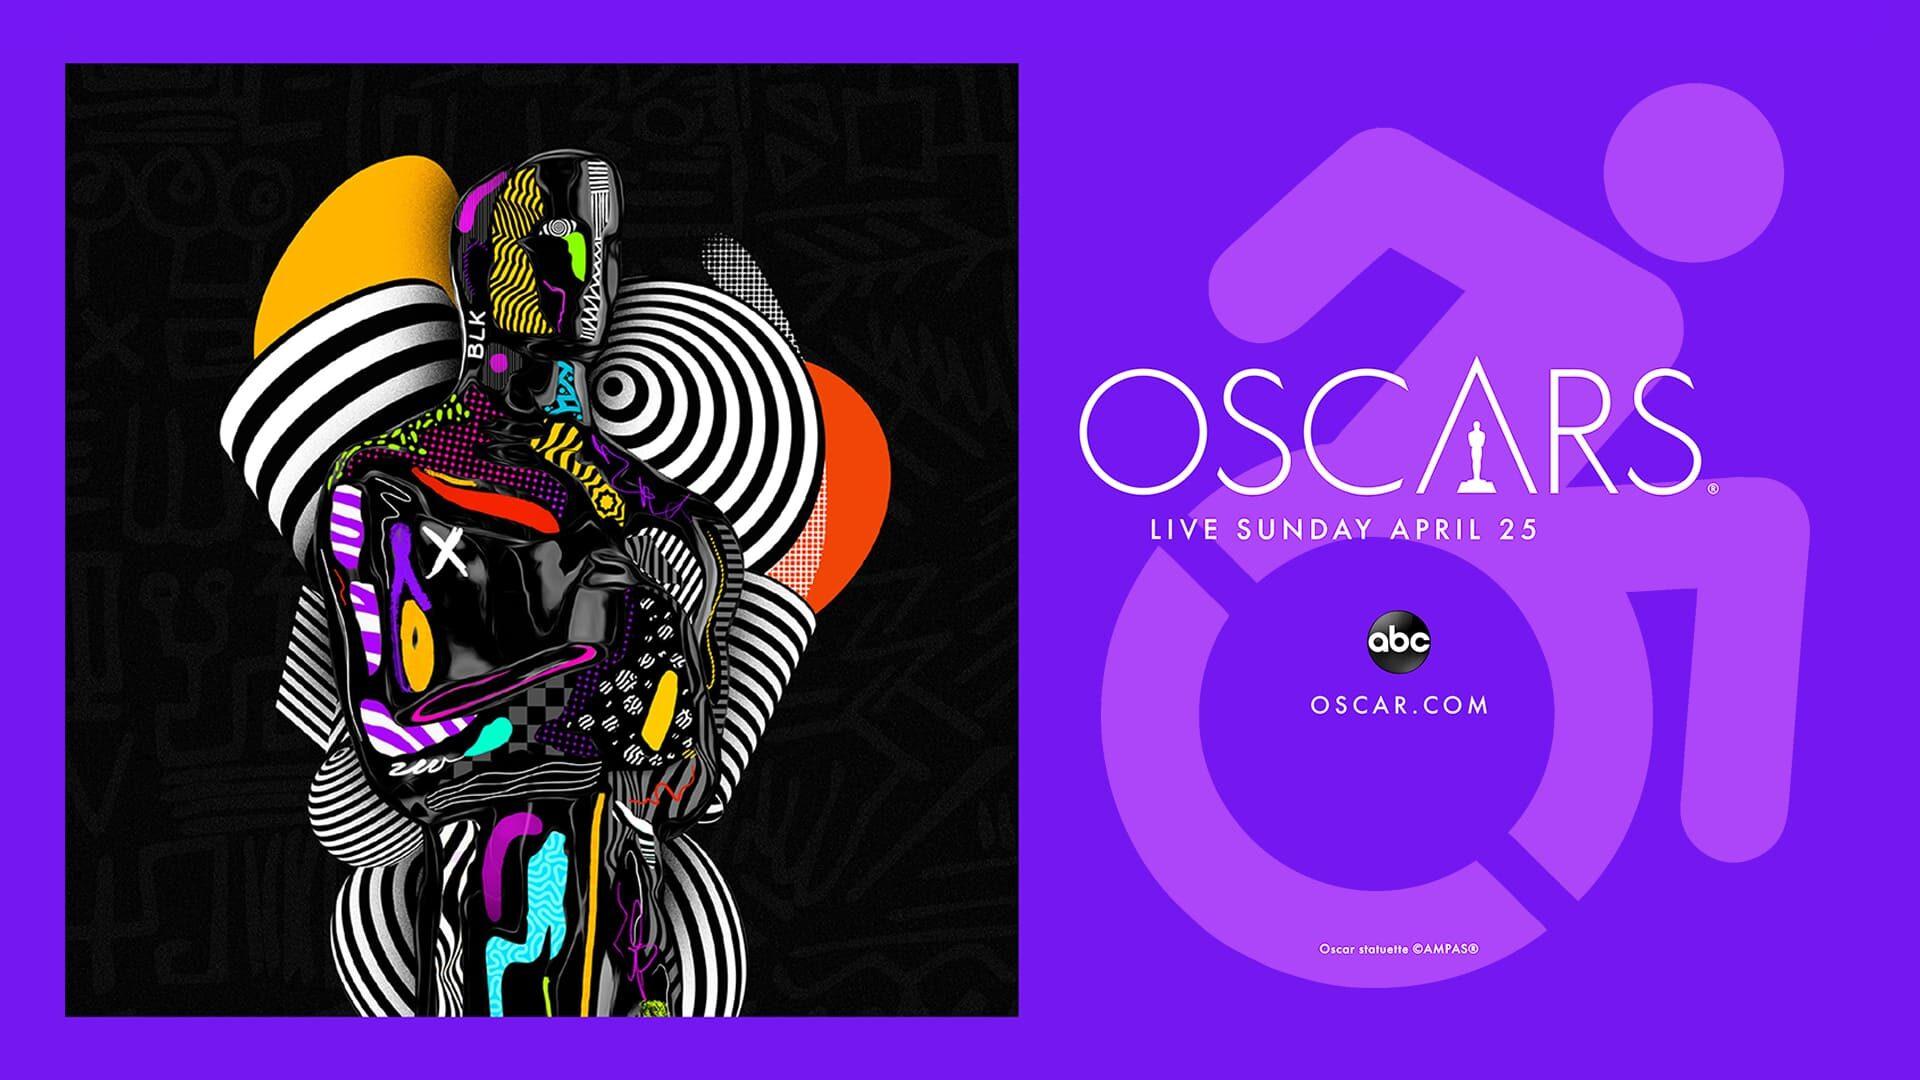 Banner oficial com estatueta estilizada do Oscar 2021, editada com símbolo de acessibilidade, ilustrando a representatividade pcd no Oscar 2021.